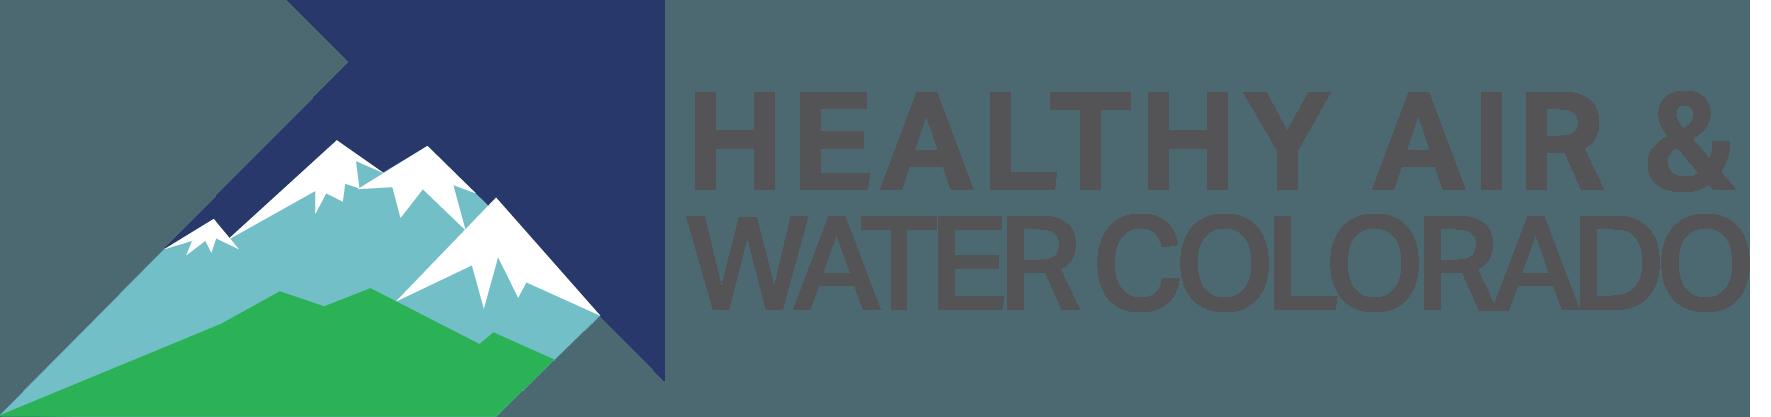 Healthy Air & Water Colorado